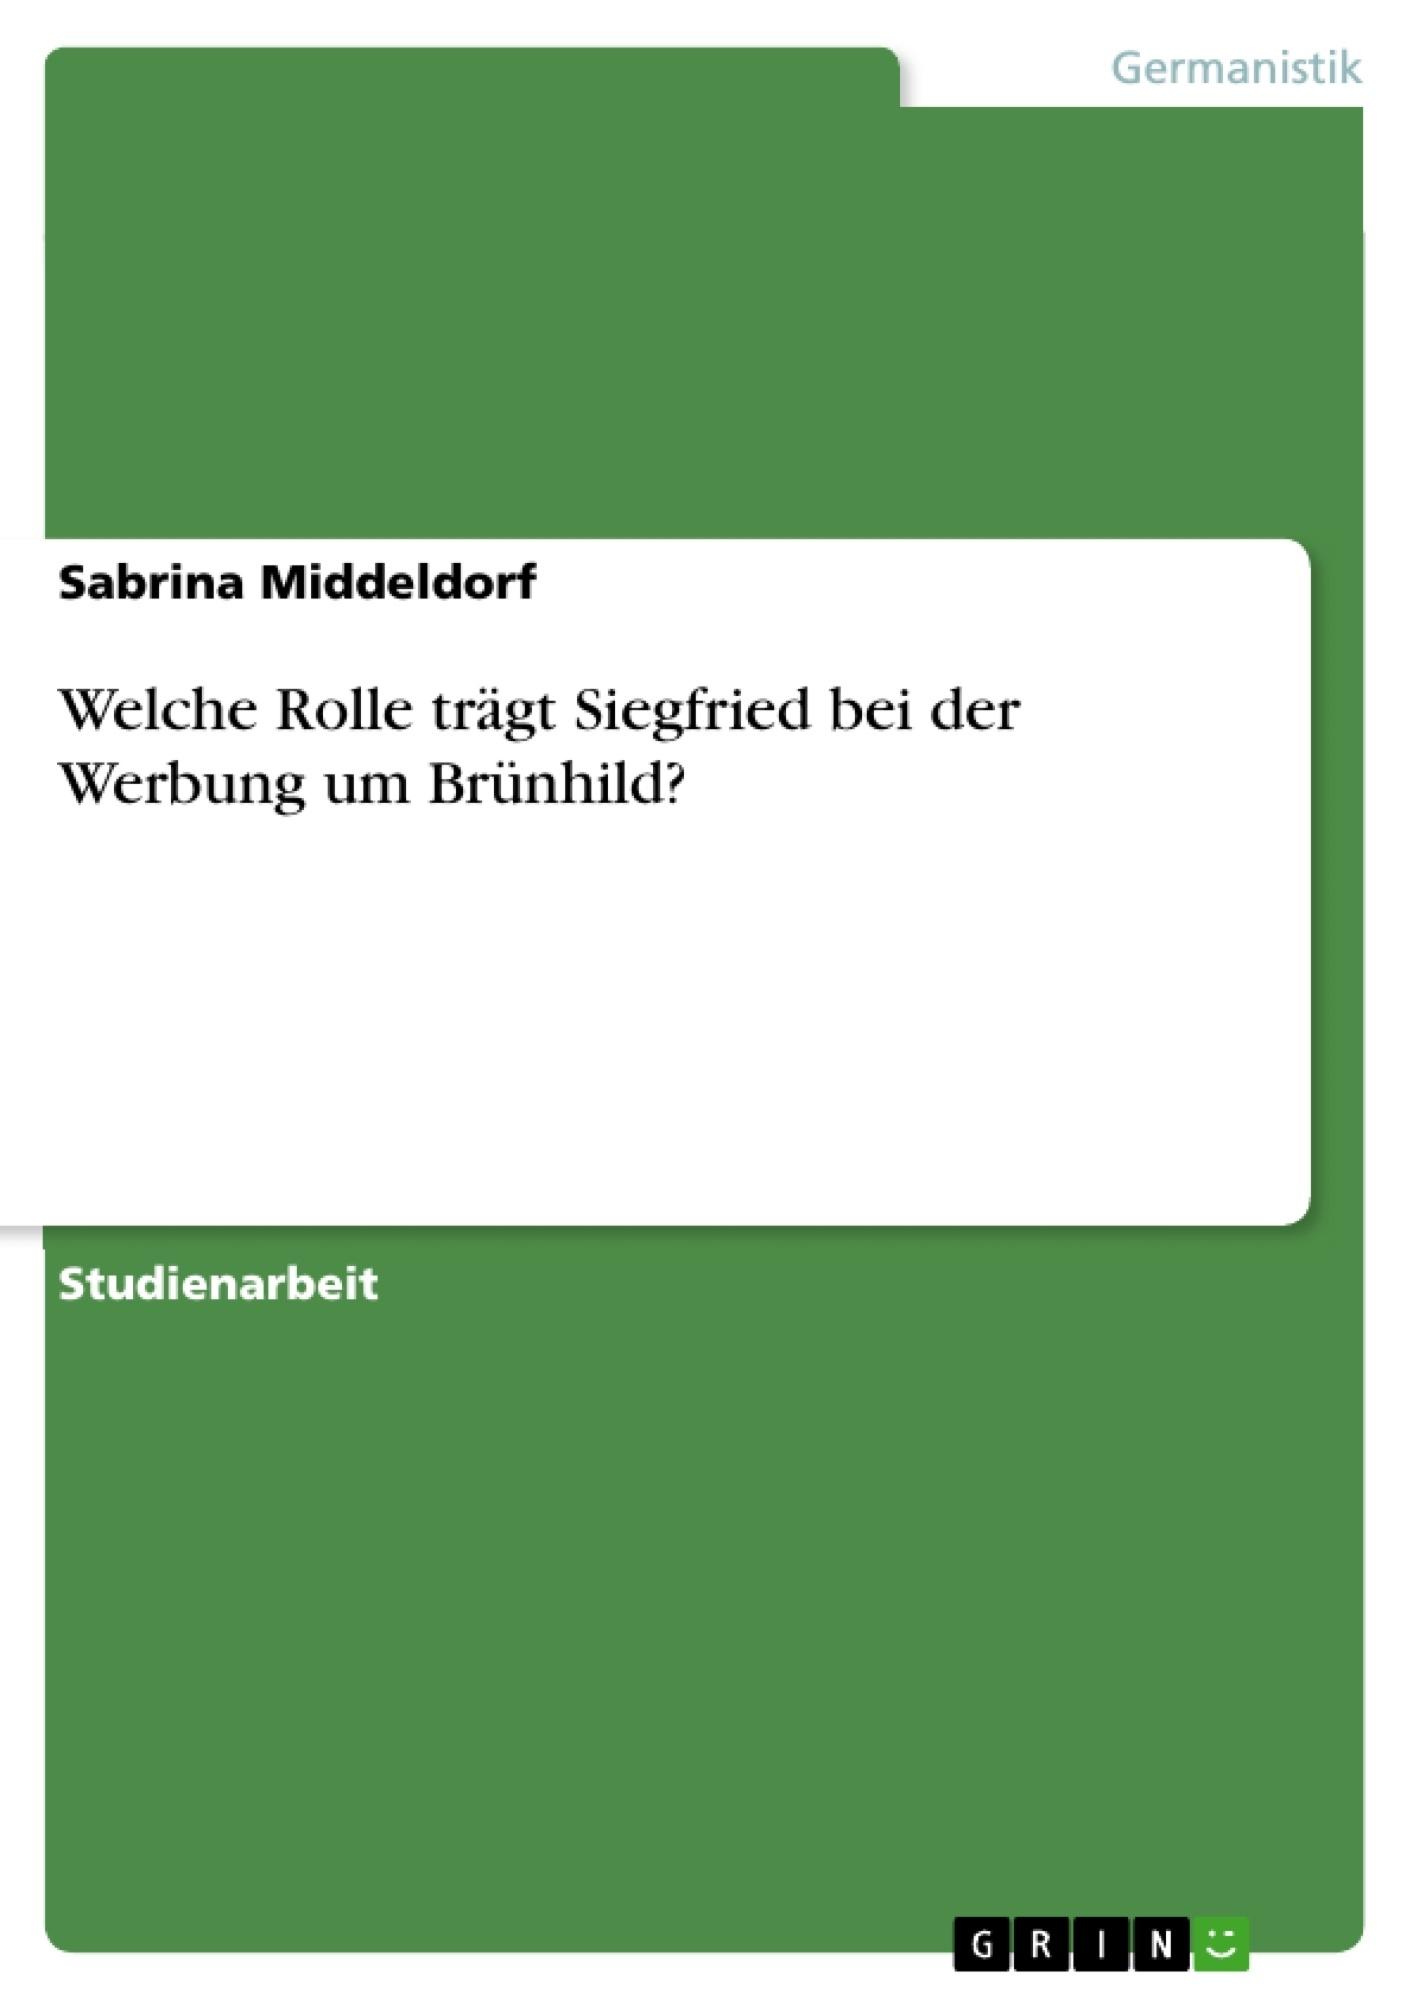 Titel: Welche Rolle trägt Siegfried bei der Werbung um Brünhild?